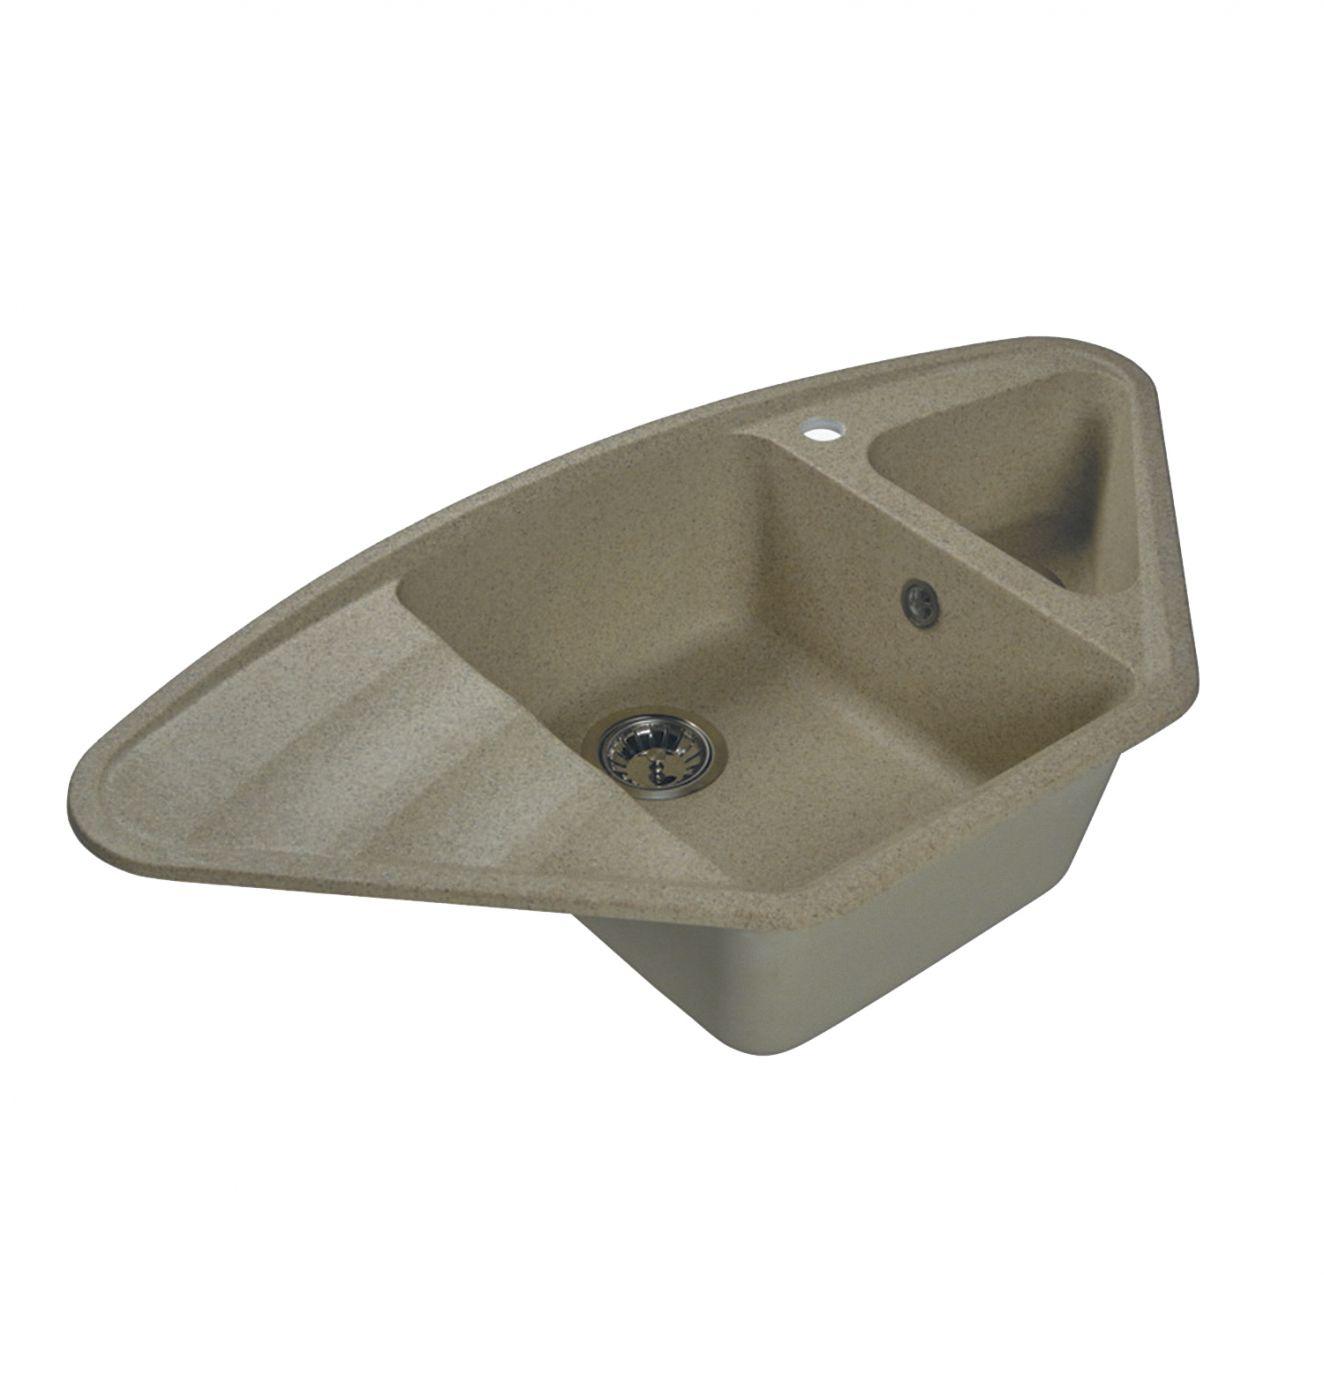 Врезная кухонная мойка LEX Haruna 950 Sand  95х50см искусственный мрамор RULE000131